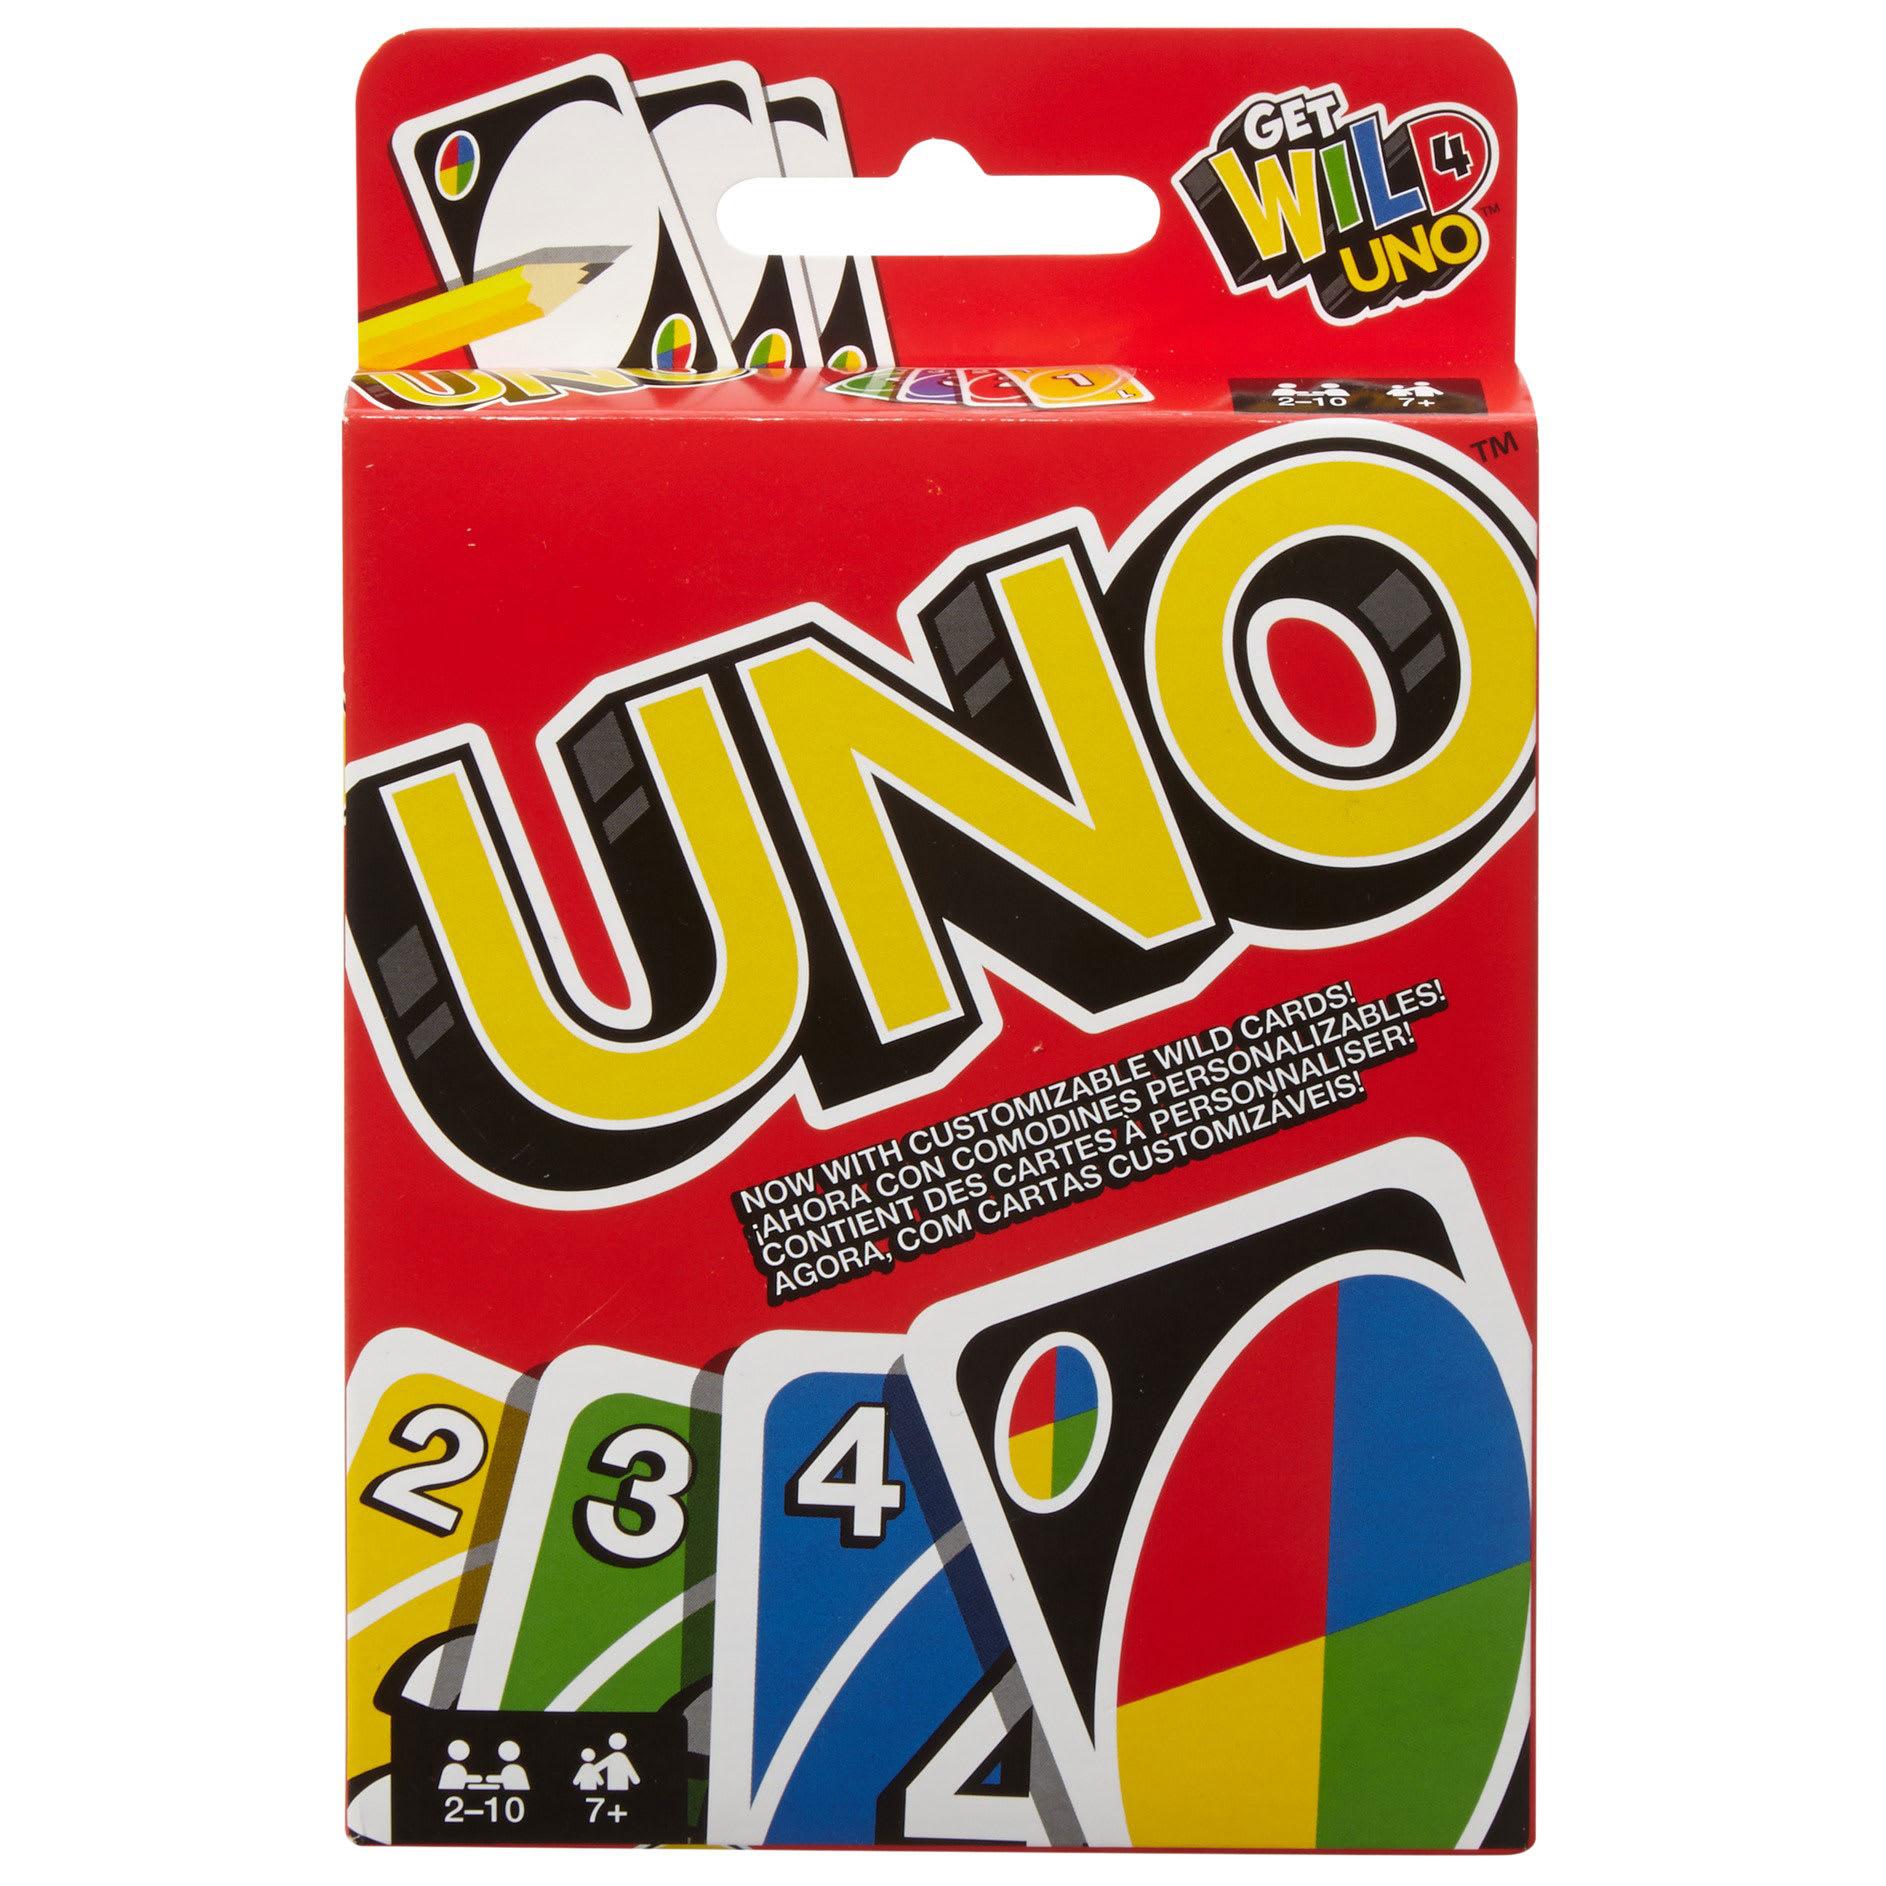 Sjovt og hurtigt kortspil